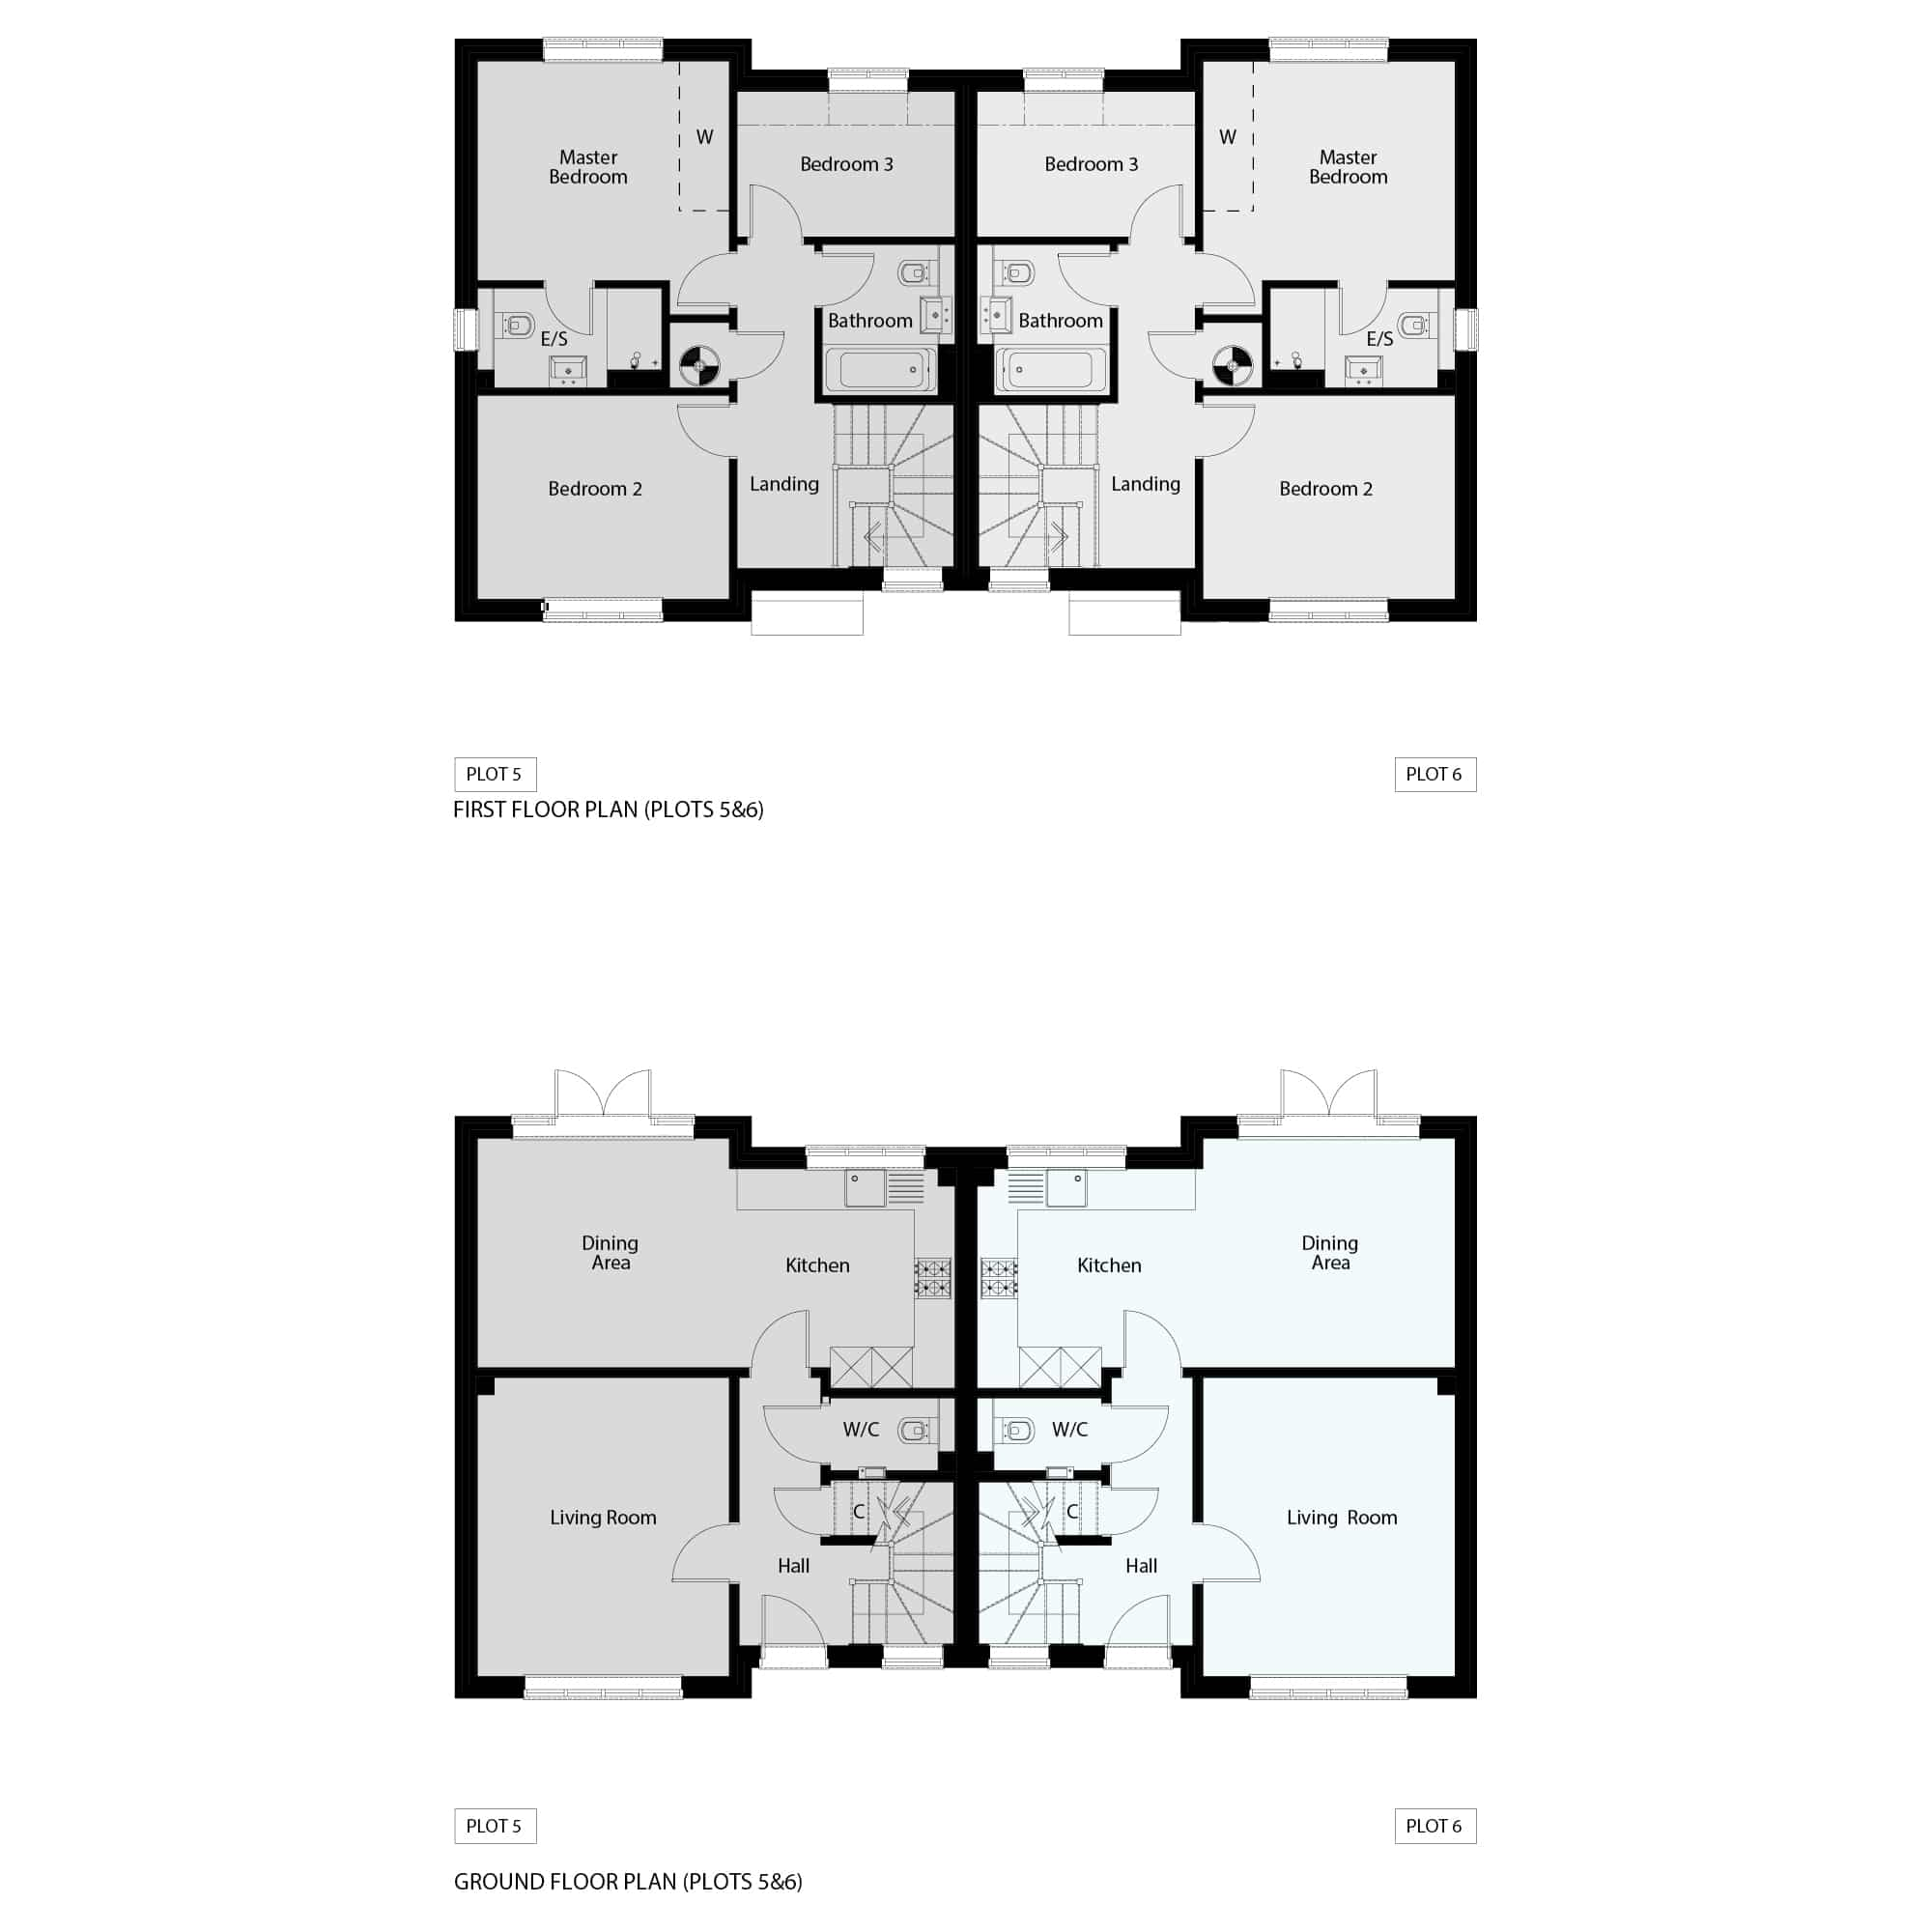 Floor Plans 5 & 6